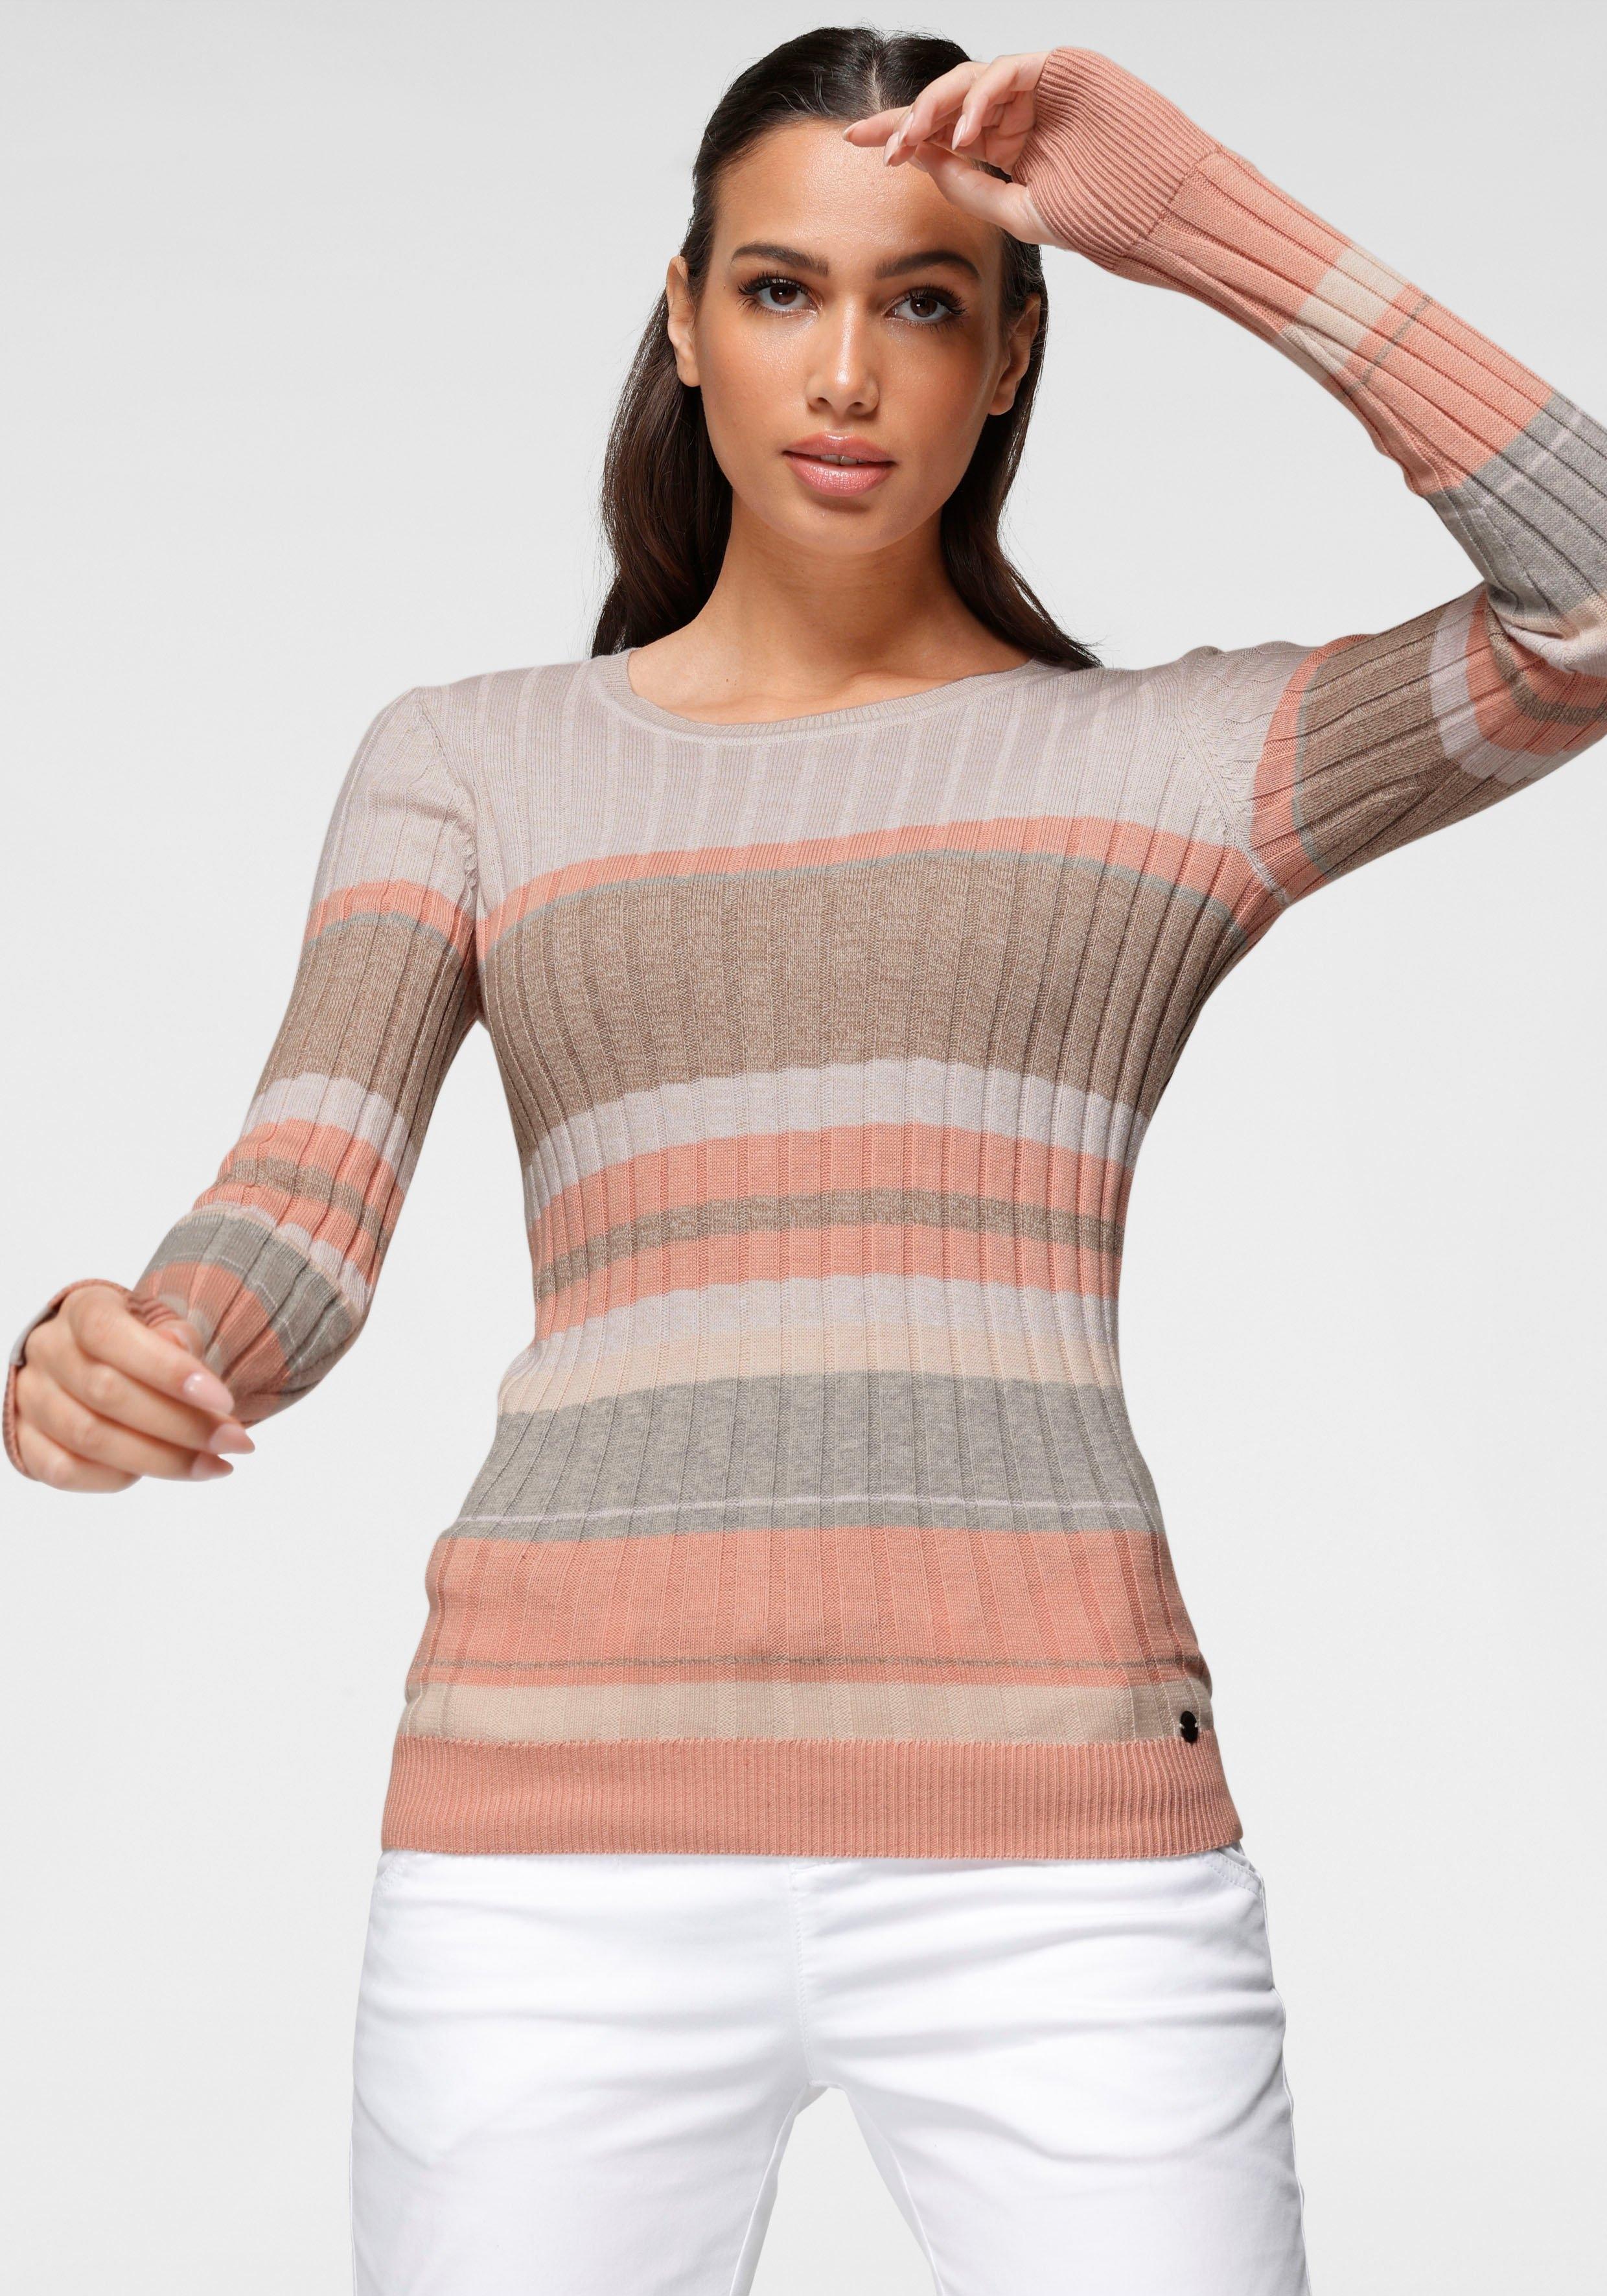 KangaROOS trui met ronde hals in sportief streep-design nu online kopen bij OTTO